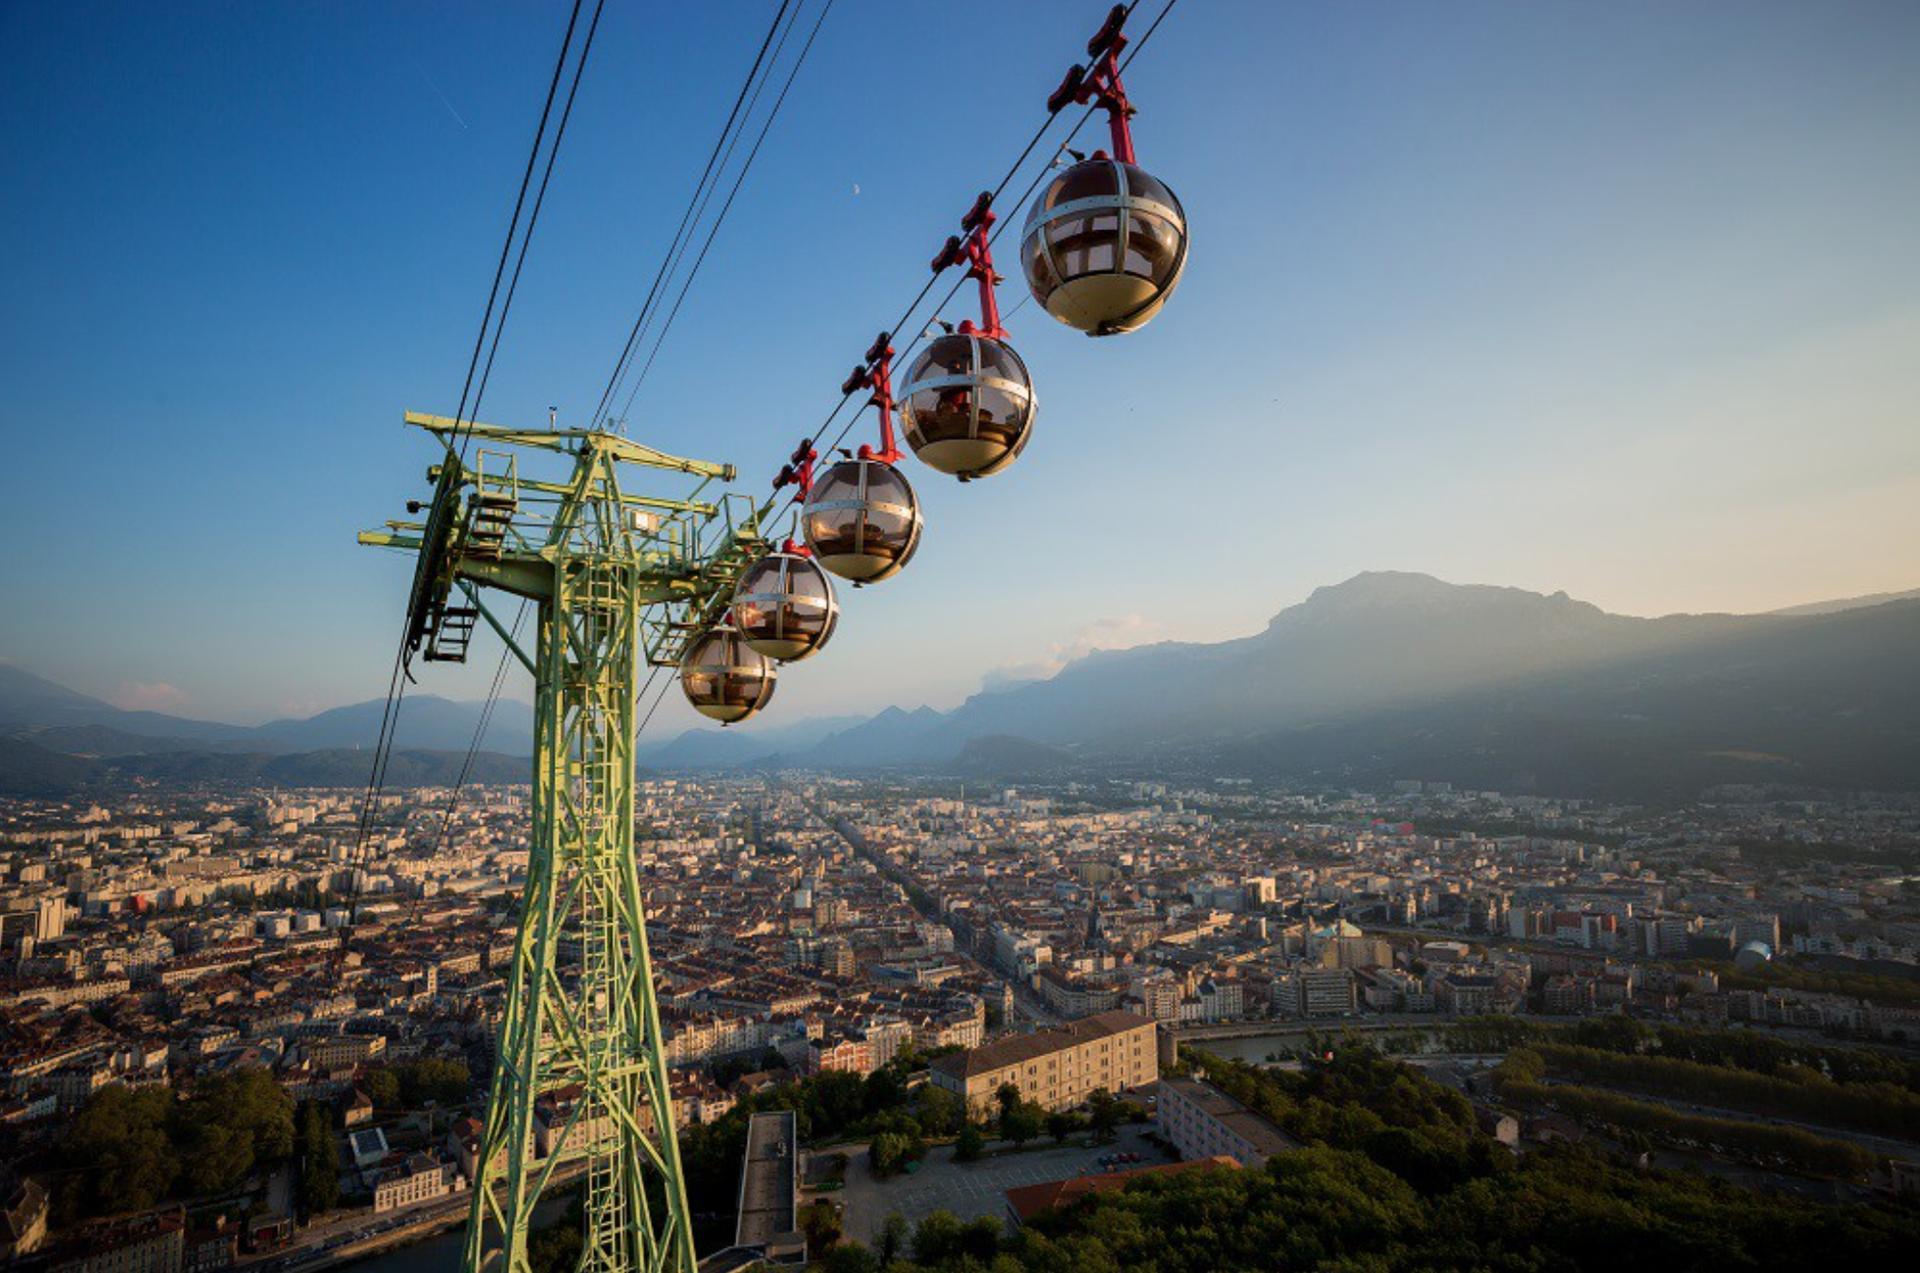 Tourisme à Grenoble  : les cinq spots de l'Isère à découvrir cet été Capture%20d%E2%80%99e%CC%81cran%202021-06-24%20a%CC%80%2012.40.38